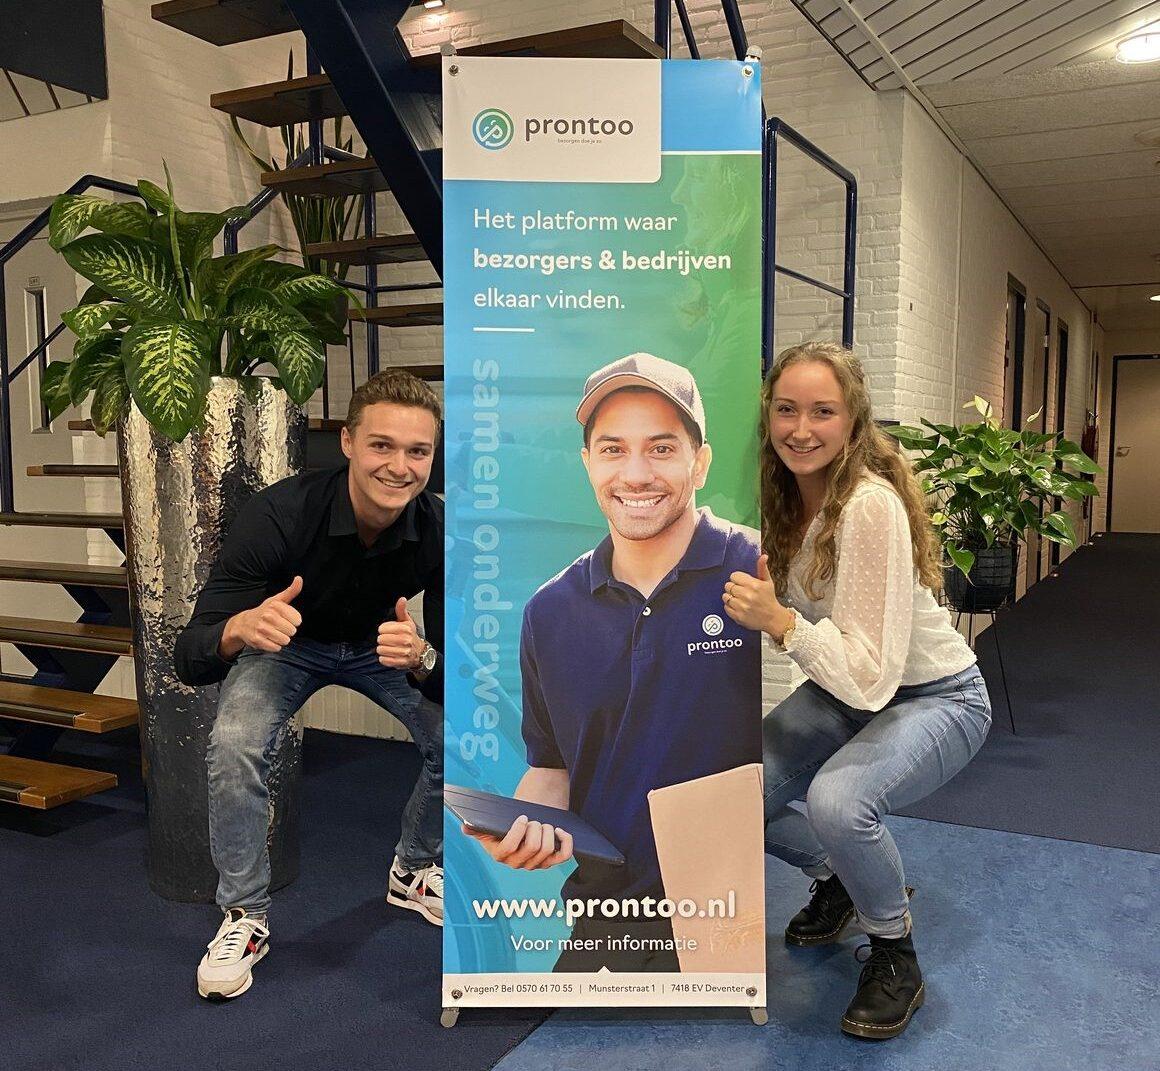 Prontoo: Platform voor bezorgers en bedrijven in Deventer